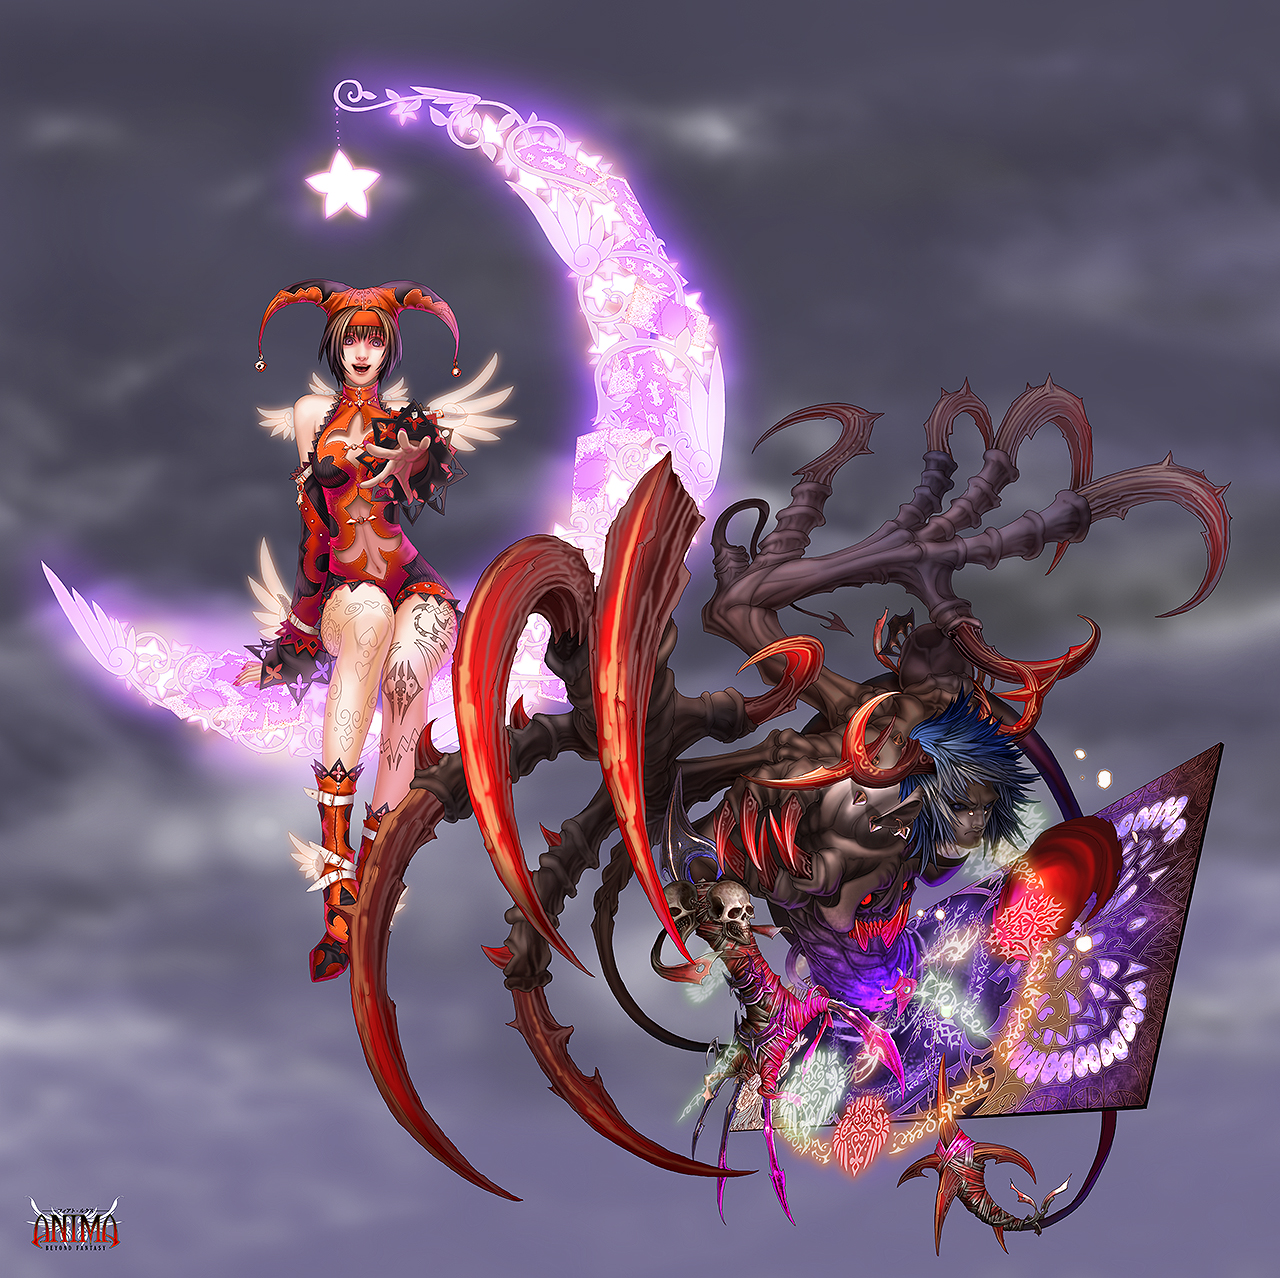 Anima: Singer of Lullabies by Wen-M